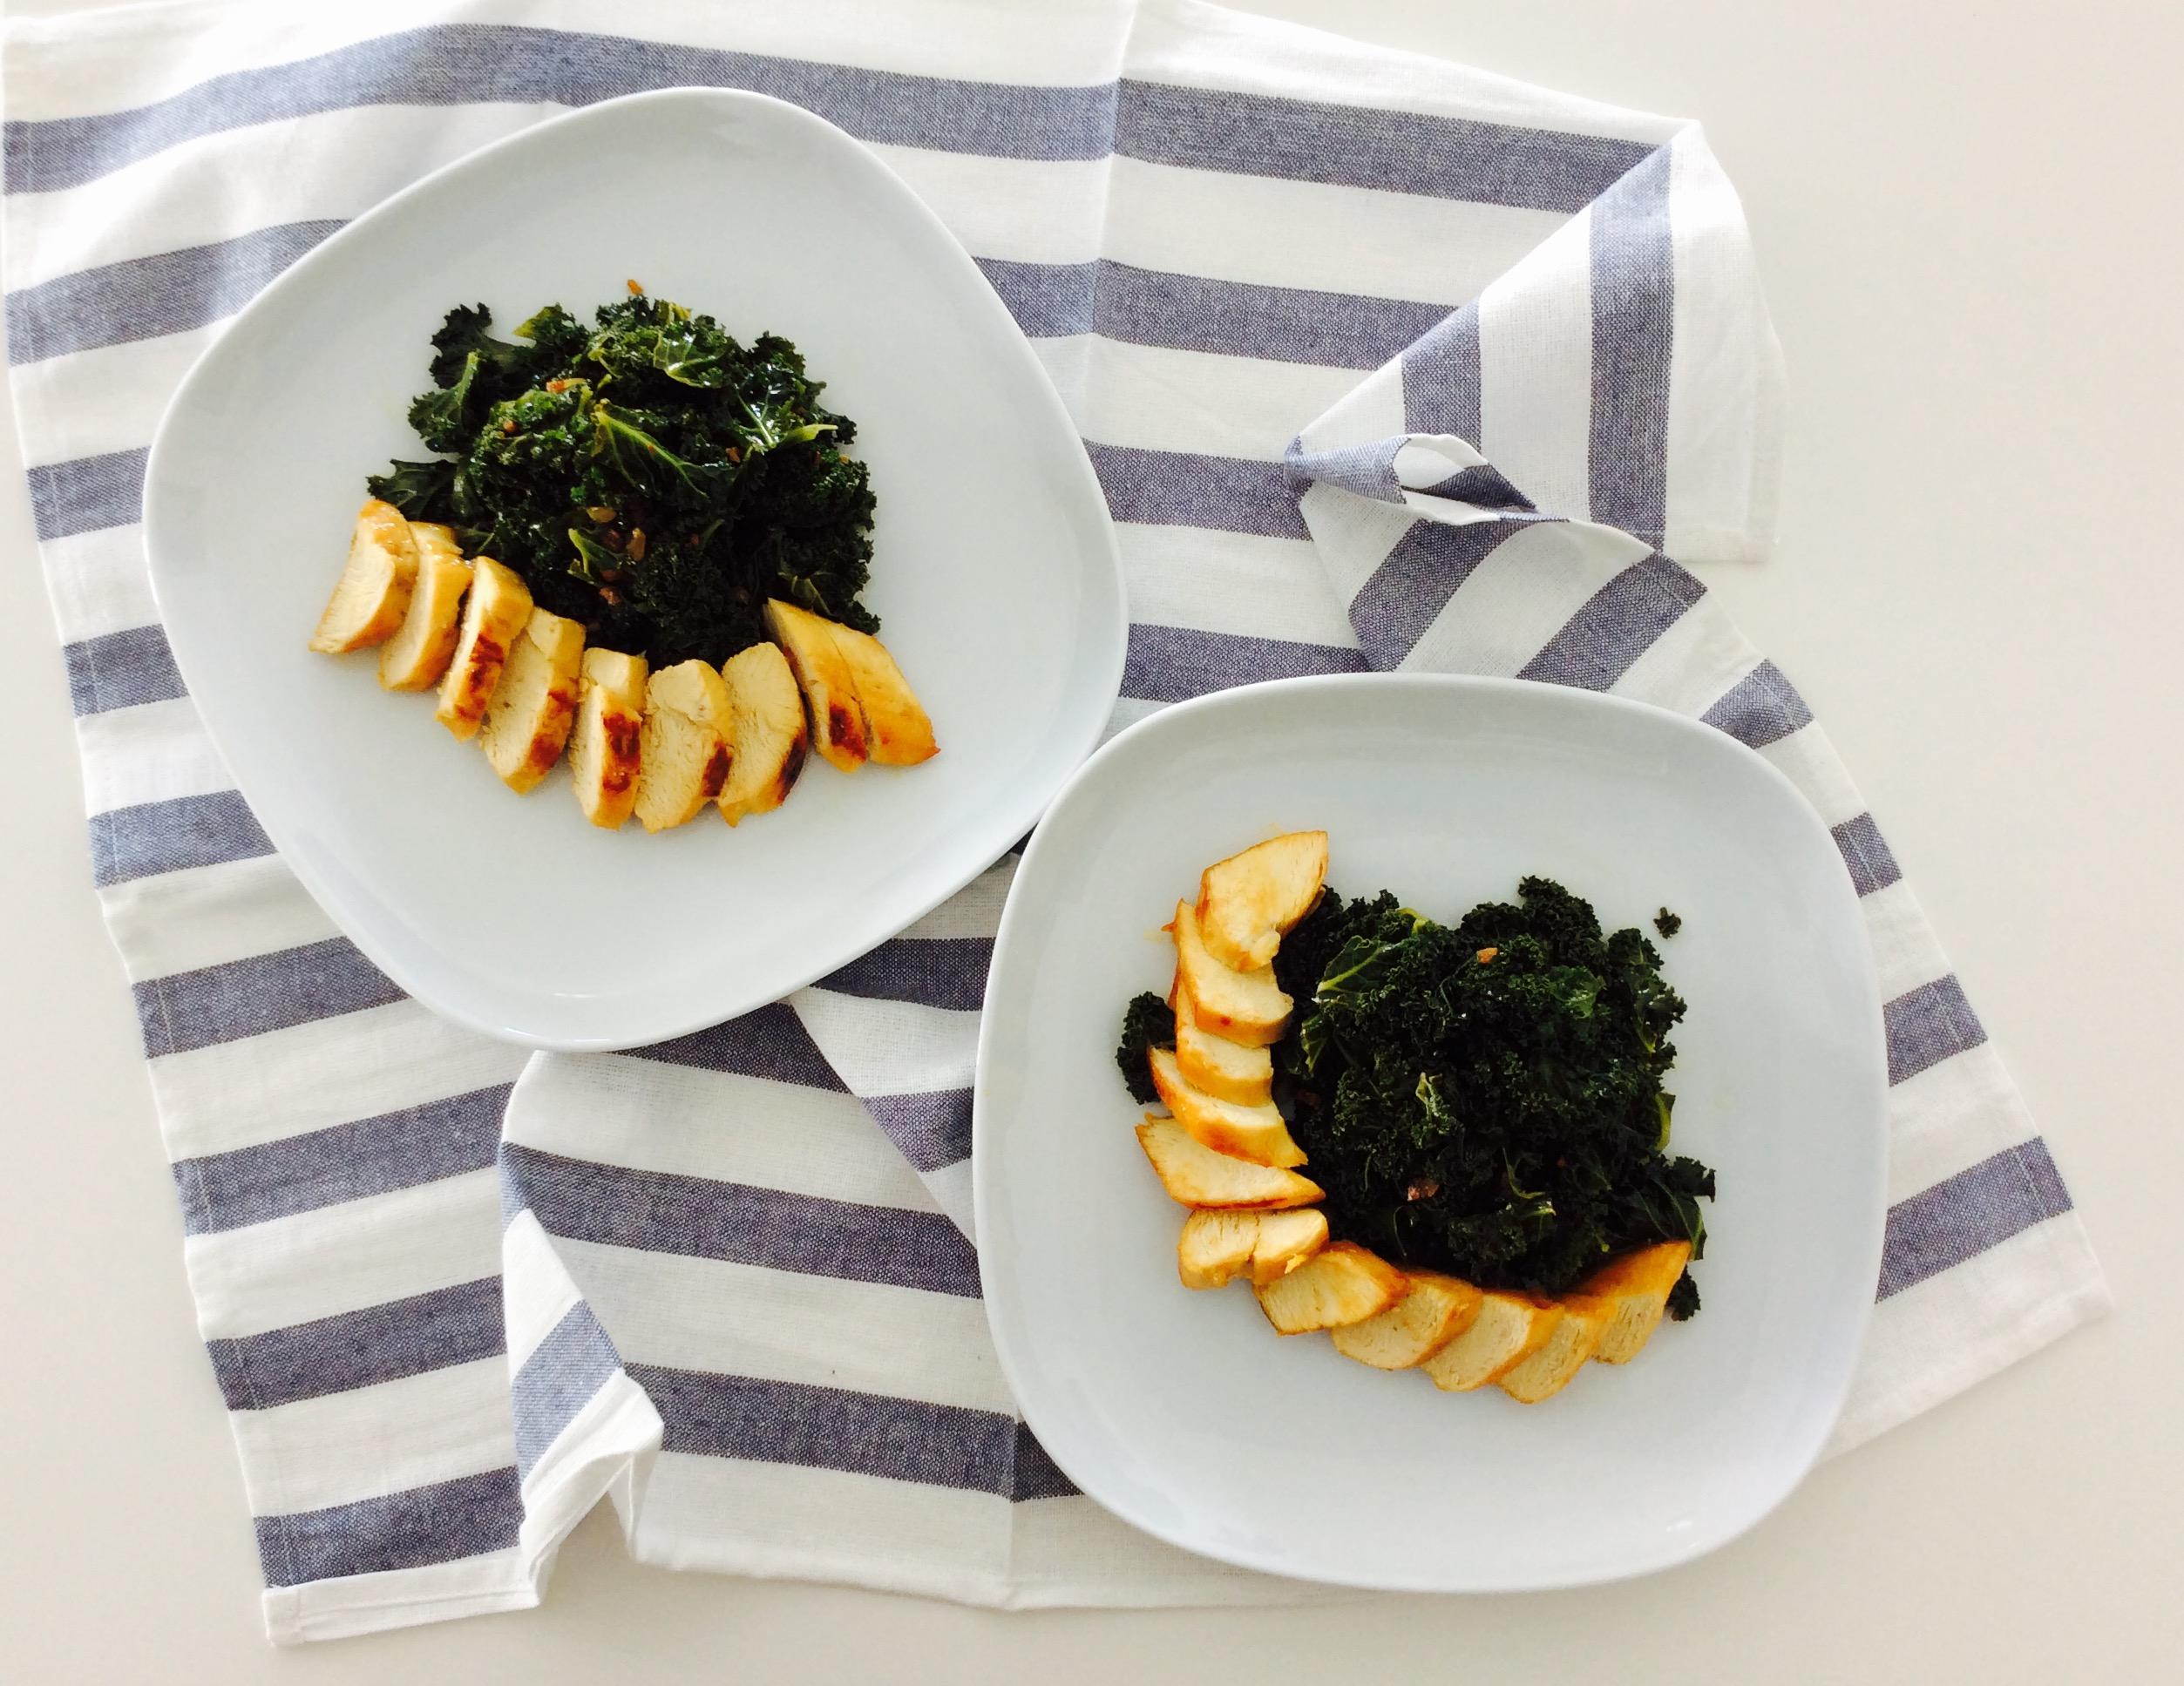 receta-pollo-miel y mostaza-ido-1